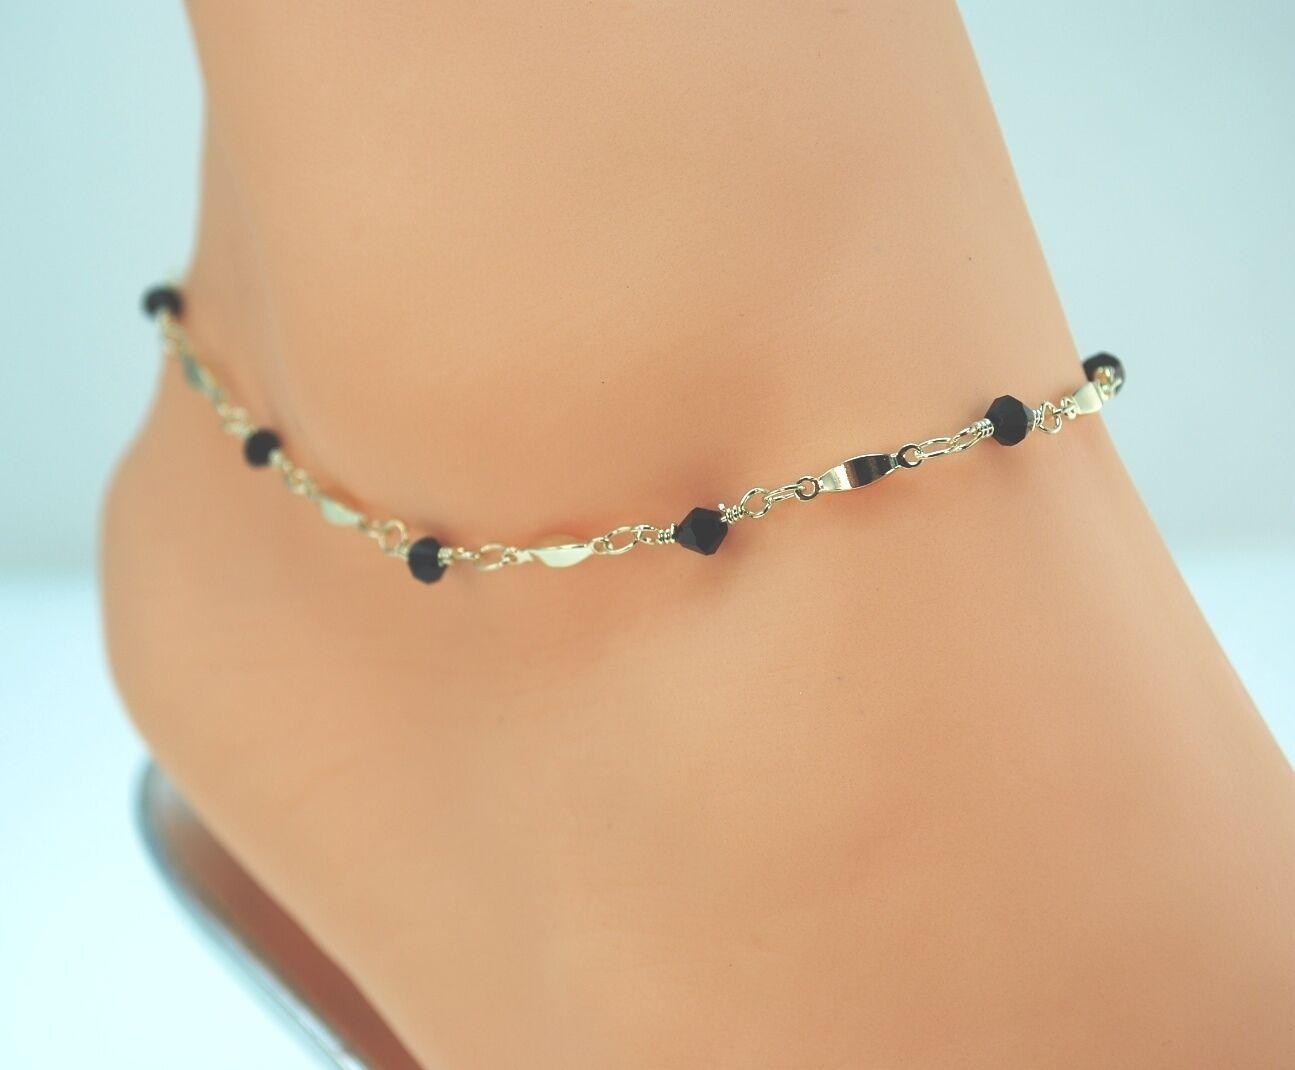 14KT GOLD CLAD BOND PLATED Black Beads & Gold Bars ANKLET ANKLE BRACELET 9